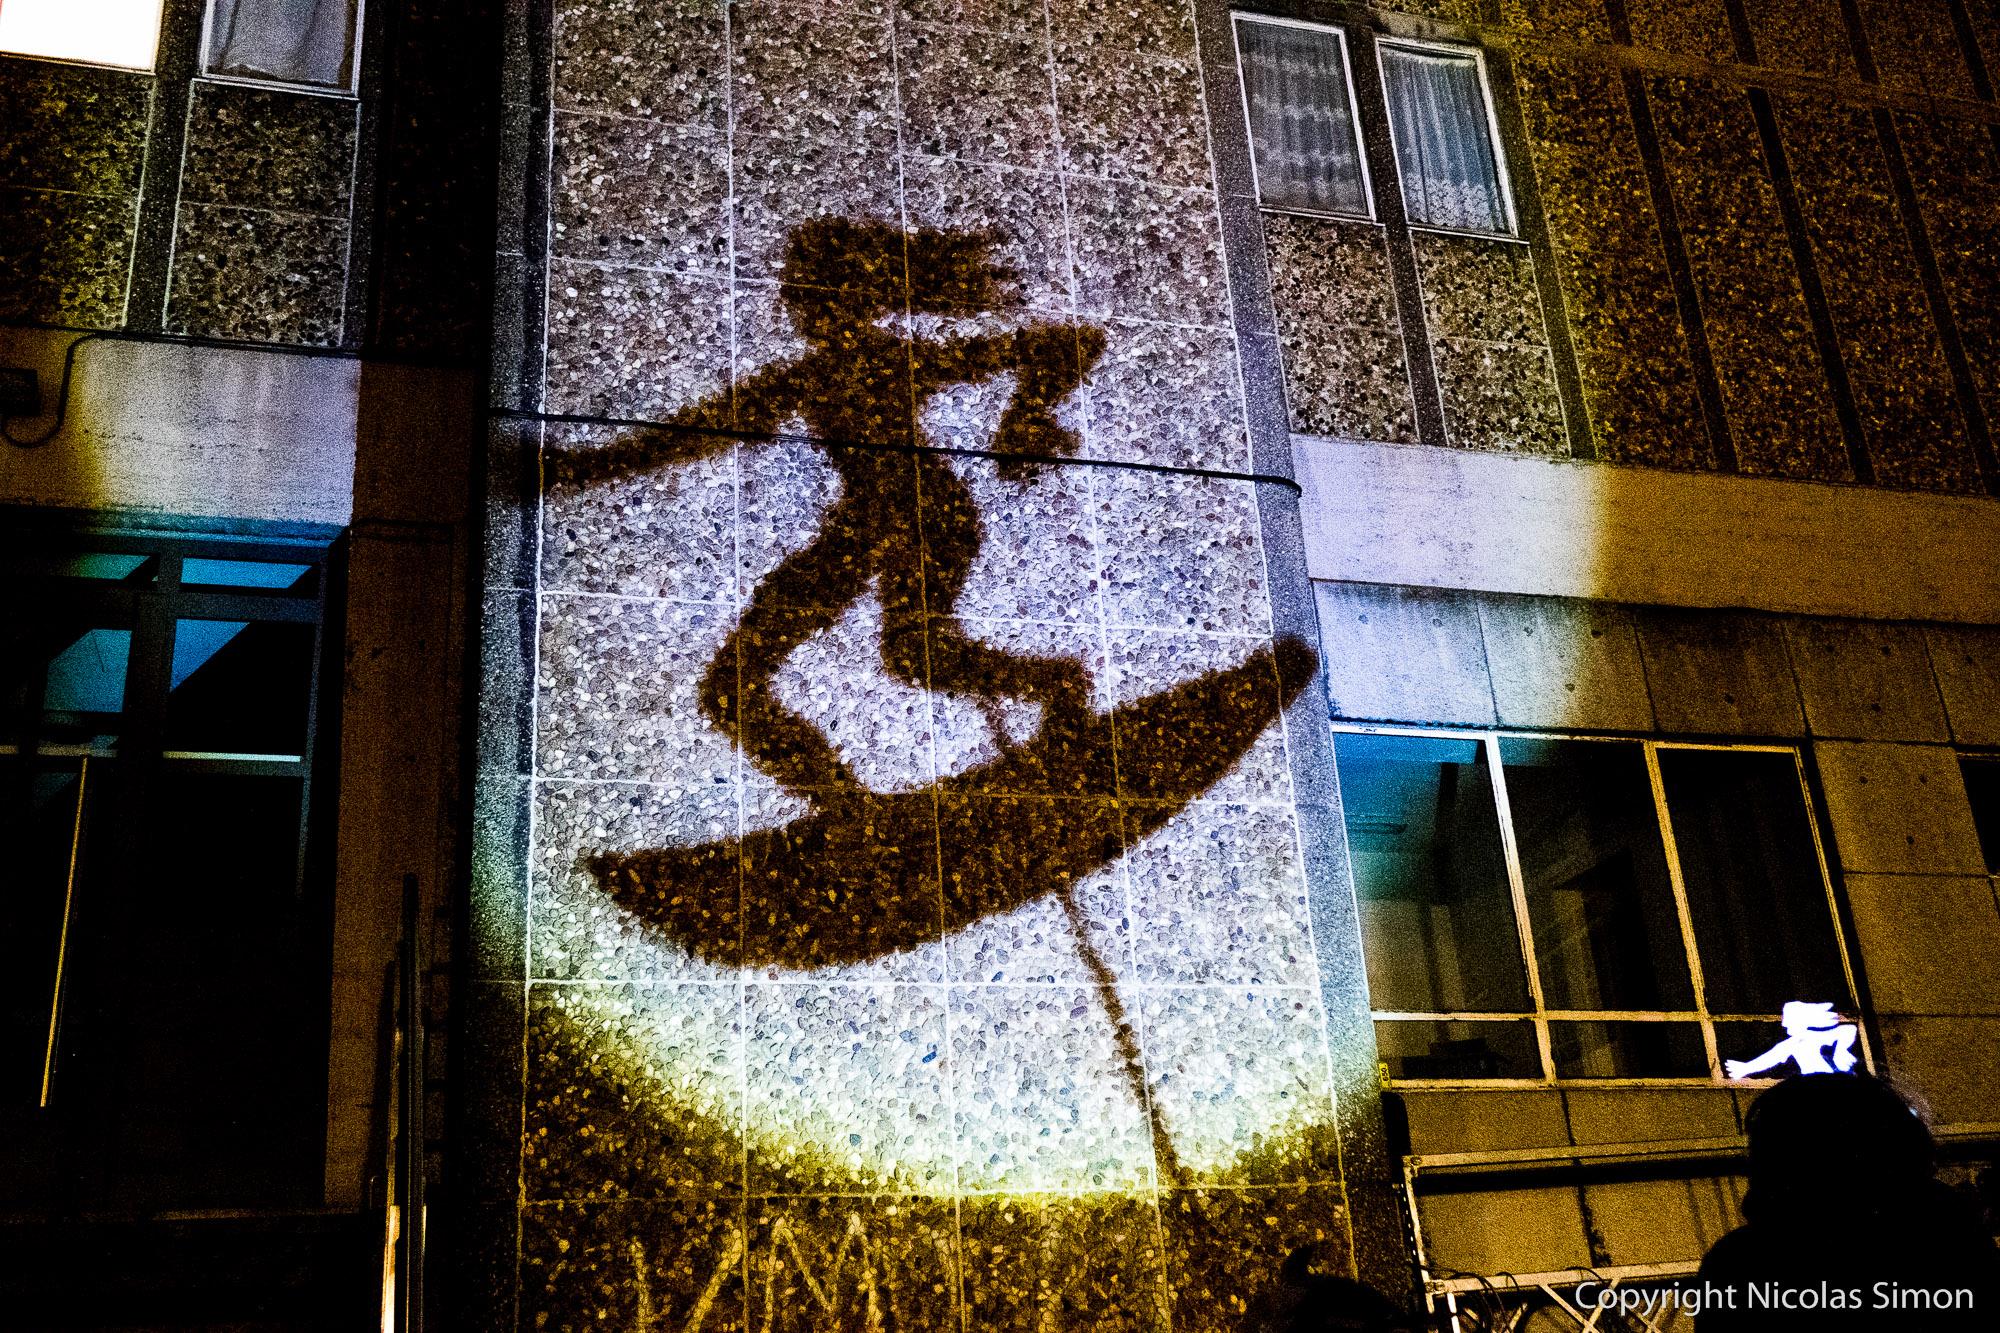 ombres-geantes-animalia_006-01554